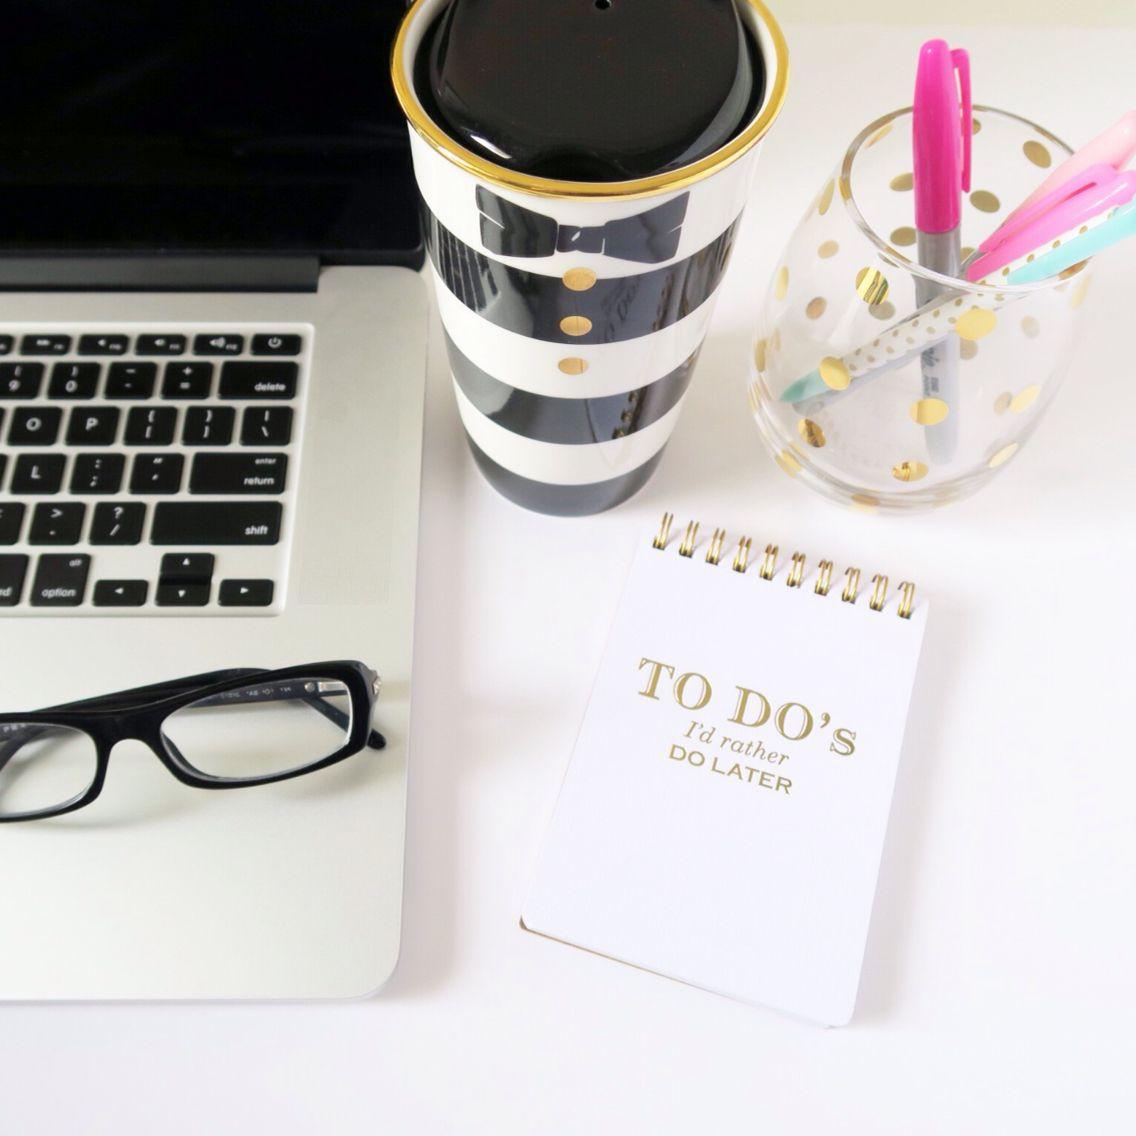 Chic desk accessories | Chicfetti Instagram | Pinterest ...